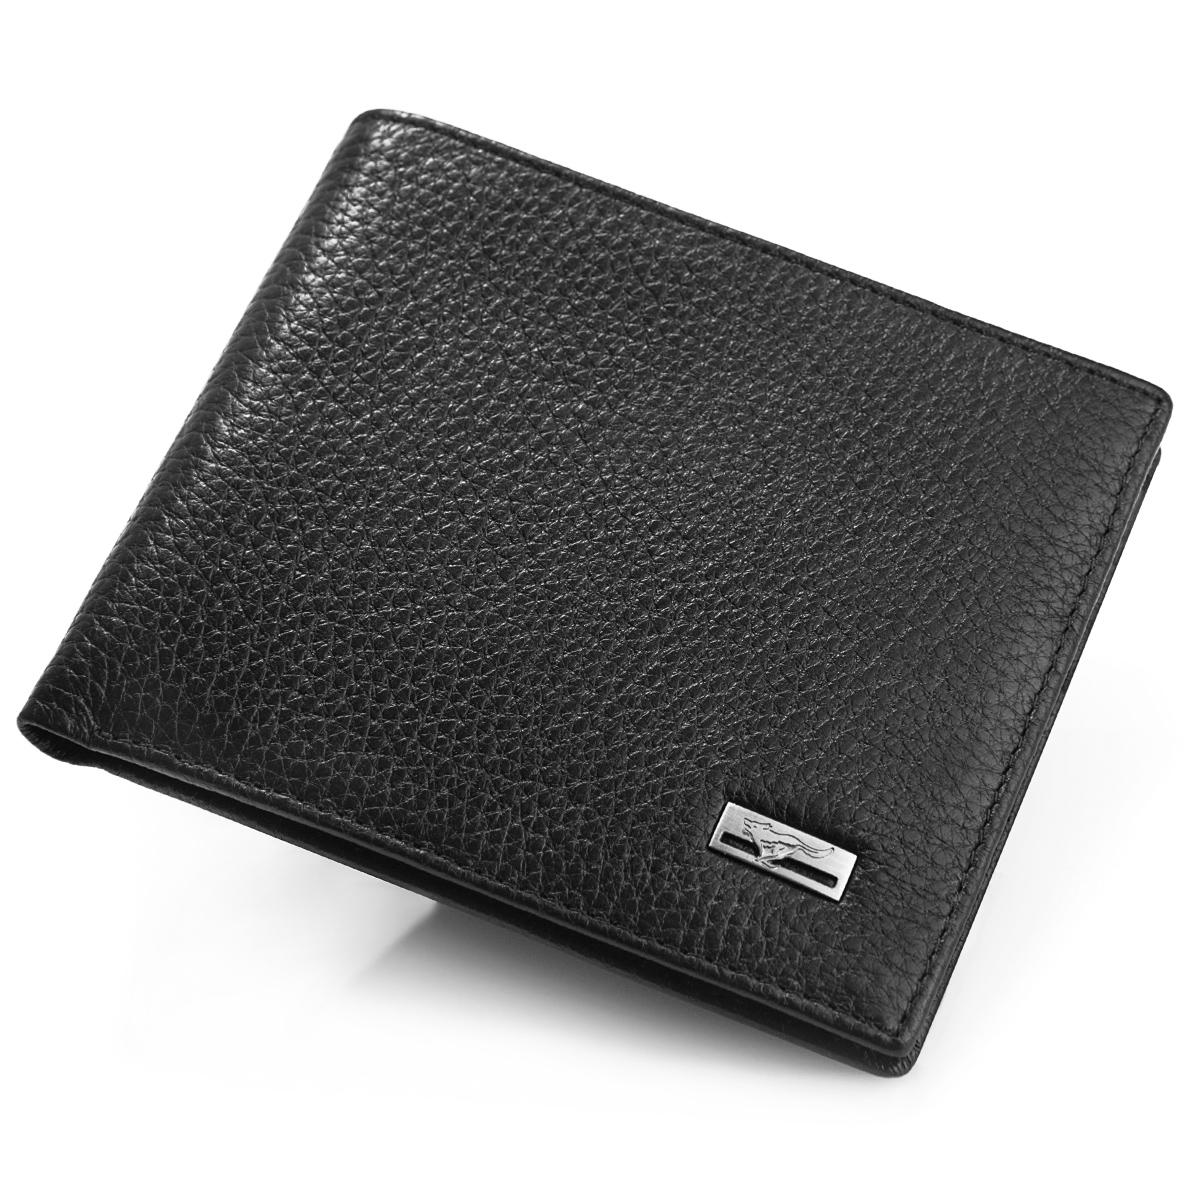 Бумажник The septwolves 3a10535b Короткие бумажник Для молодых мужчин Кожа быка